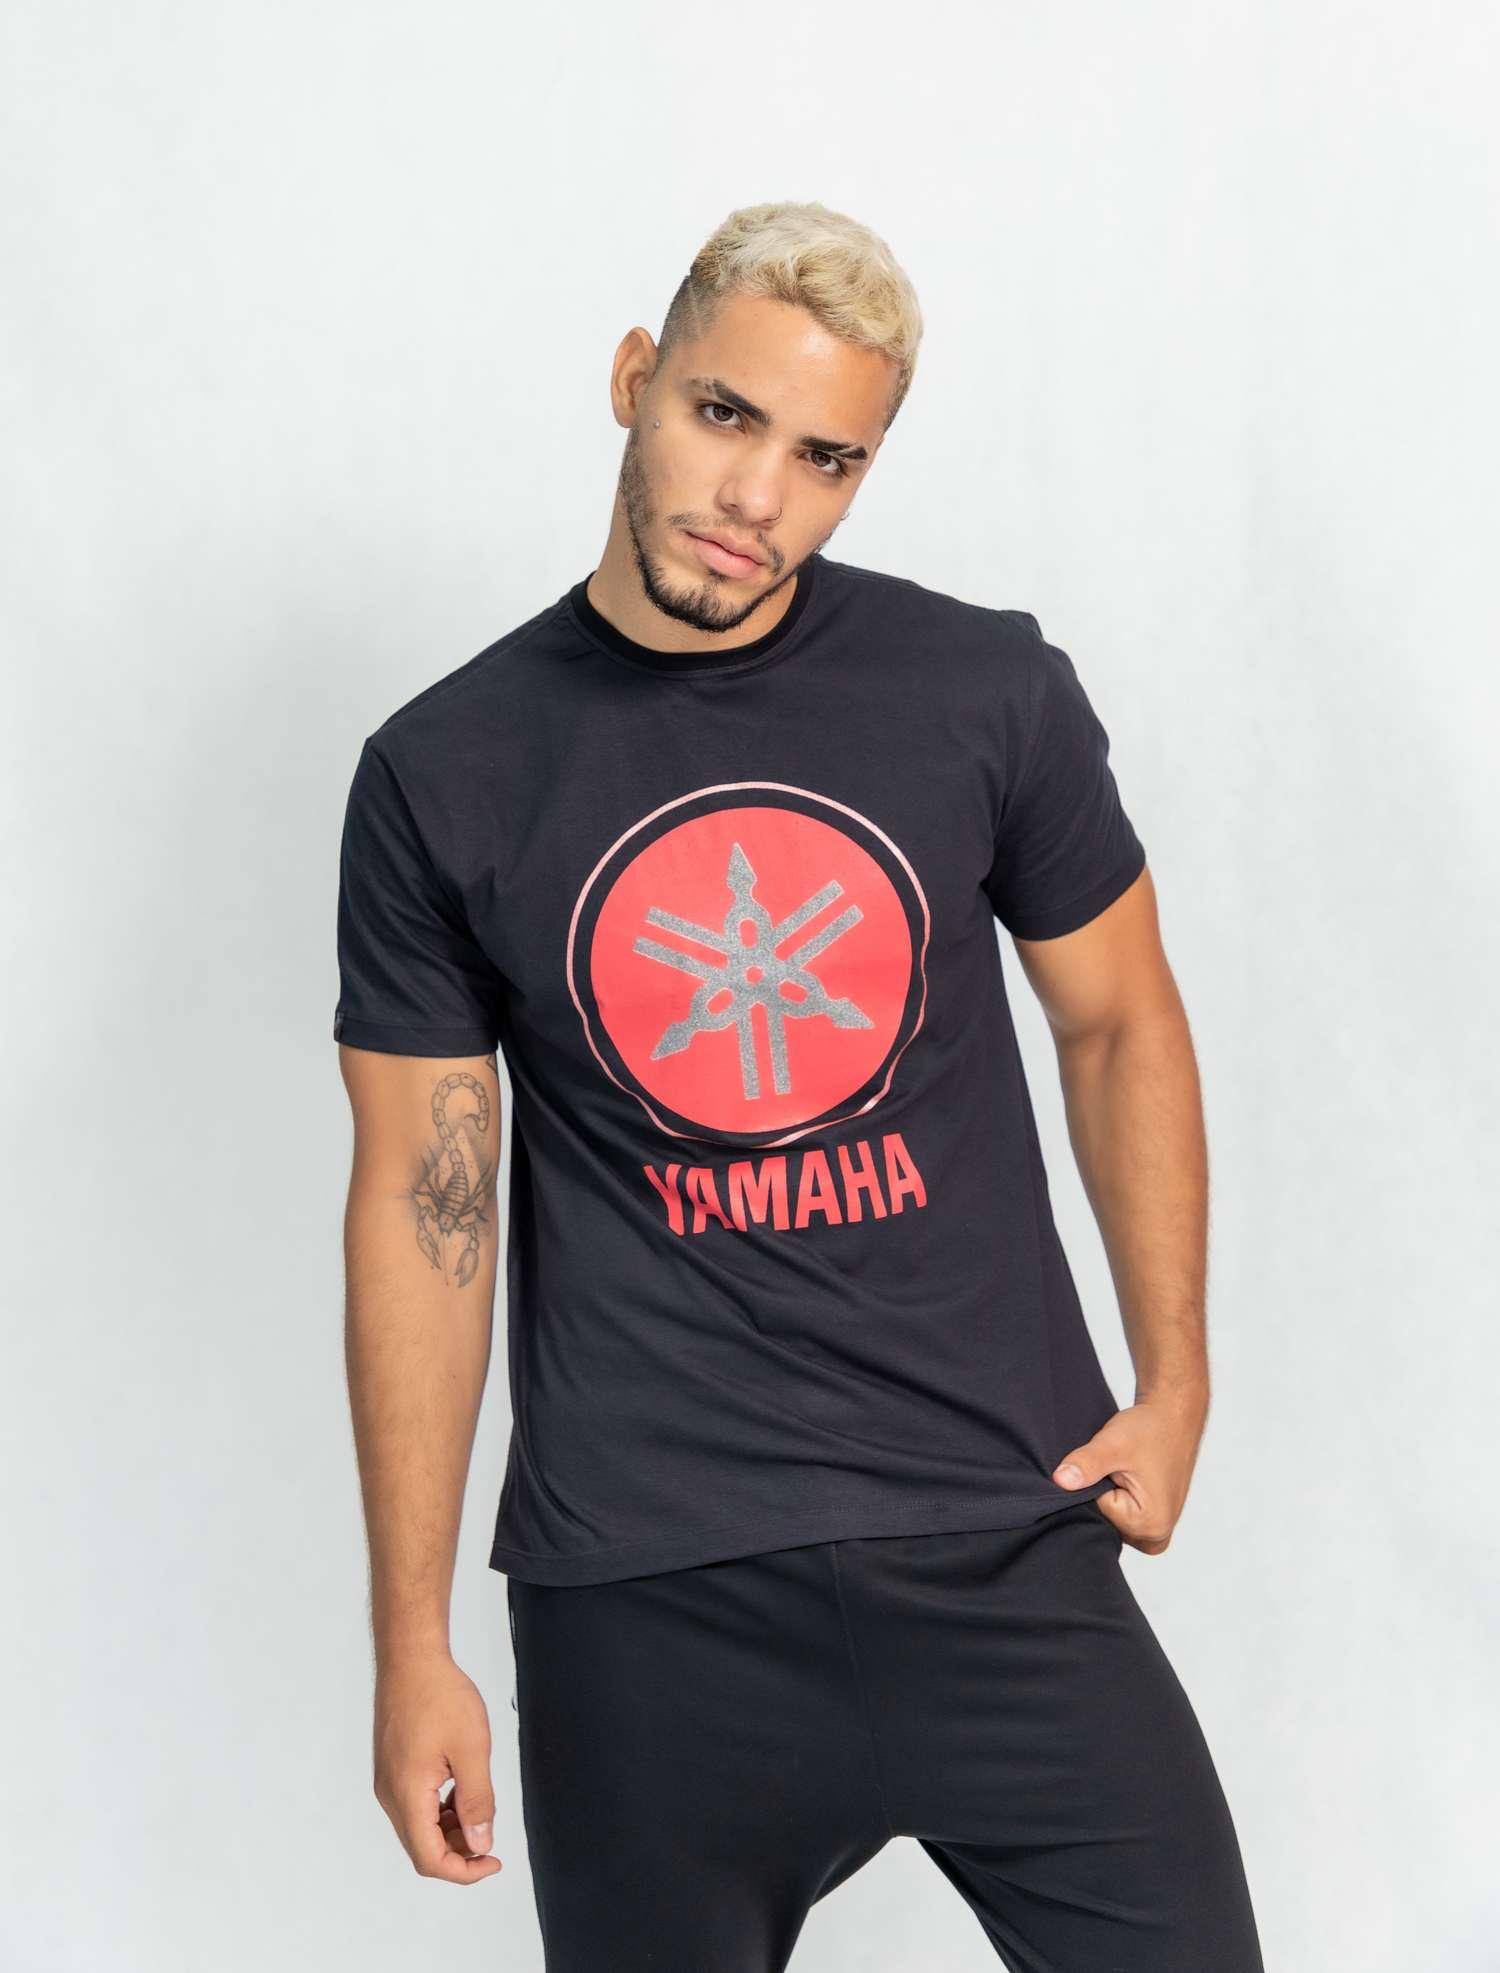 Camiseta masculina estampa Yamaha